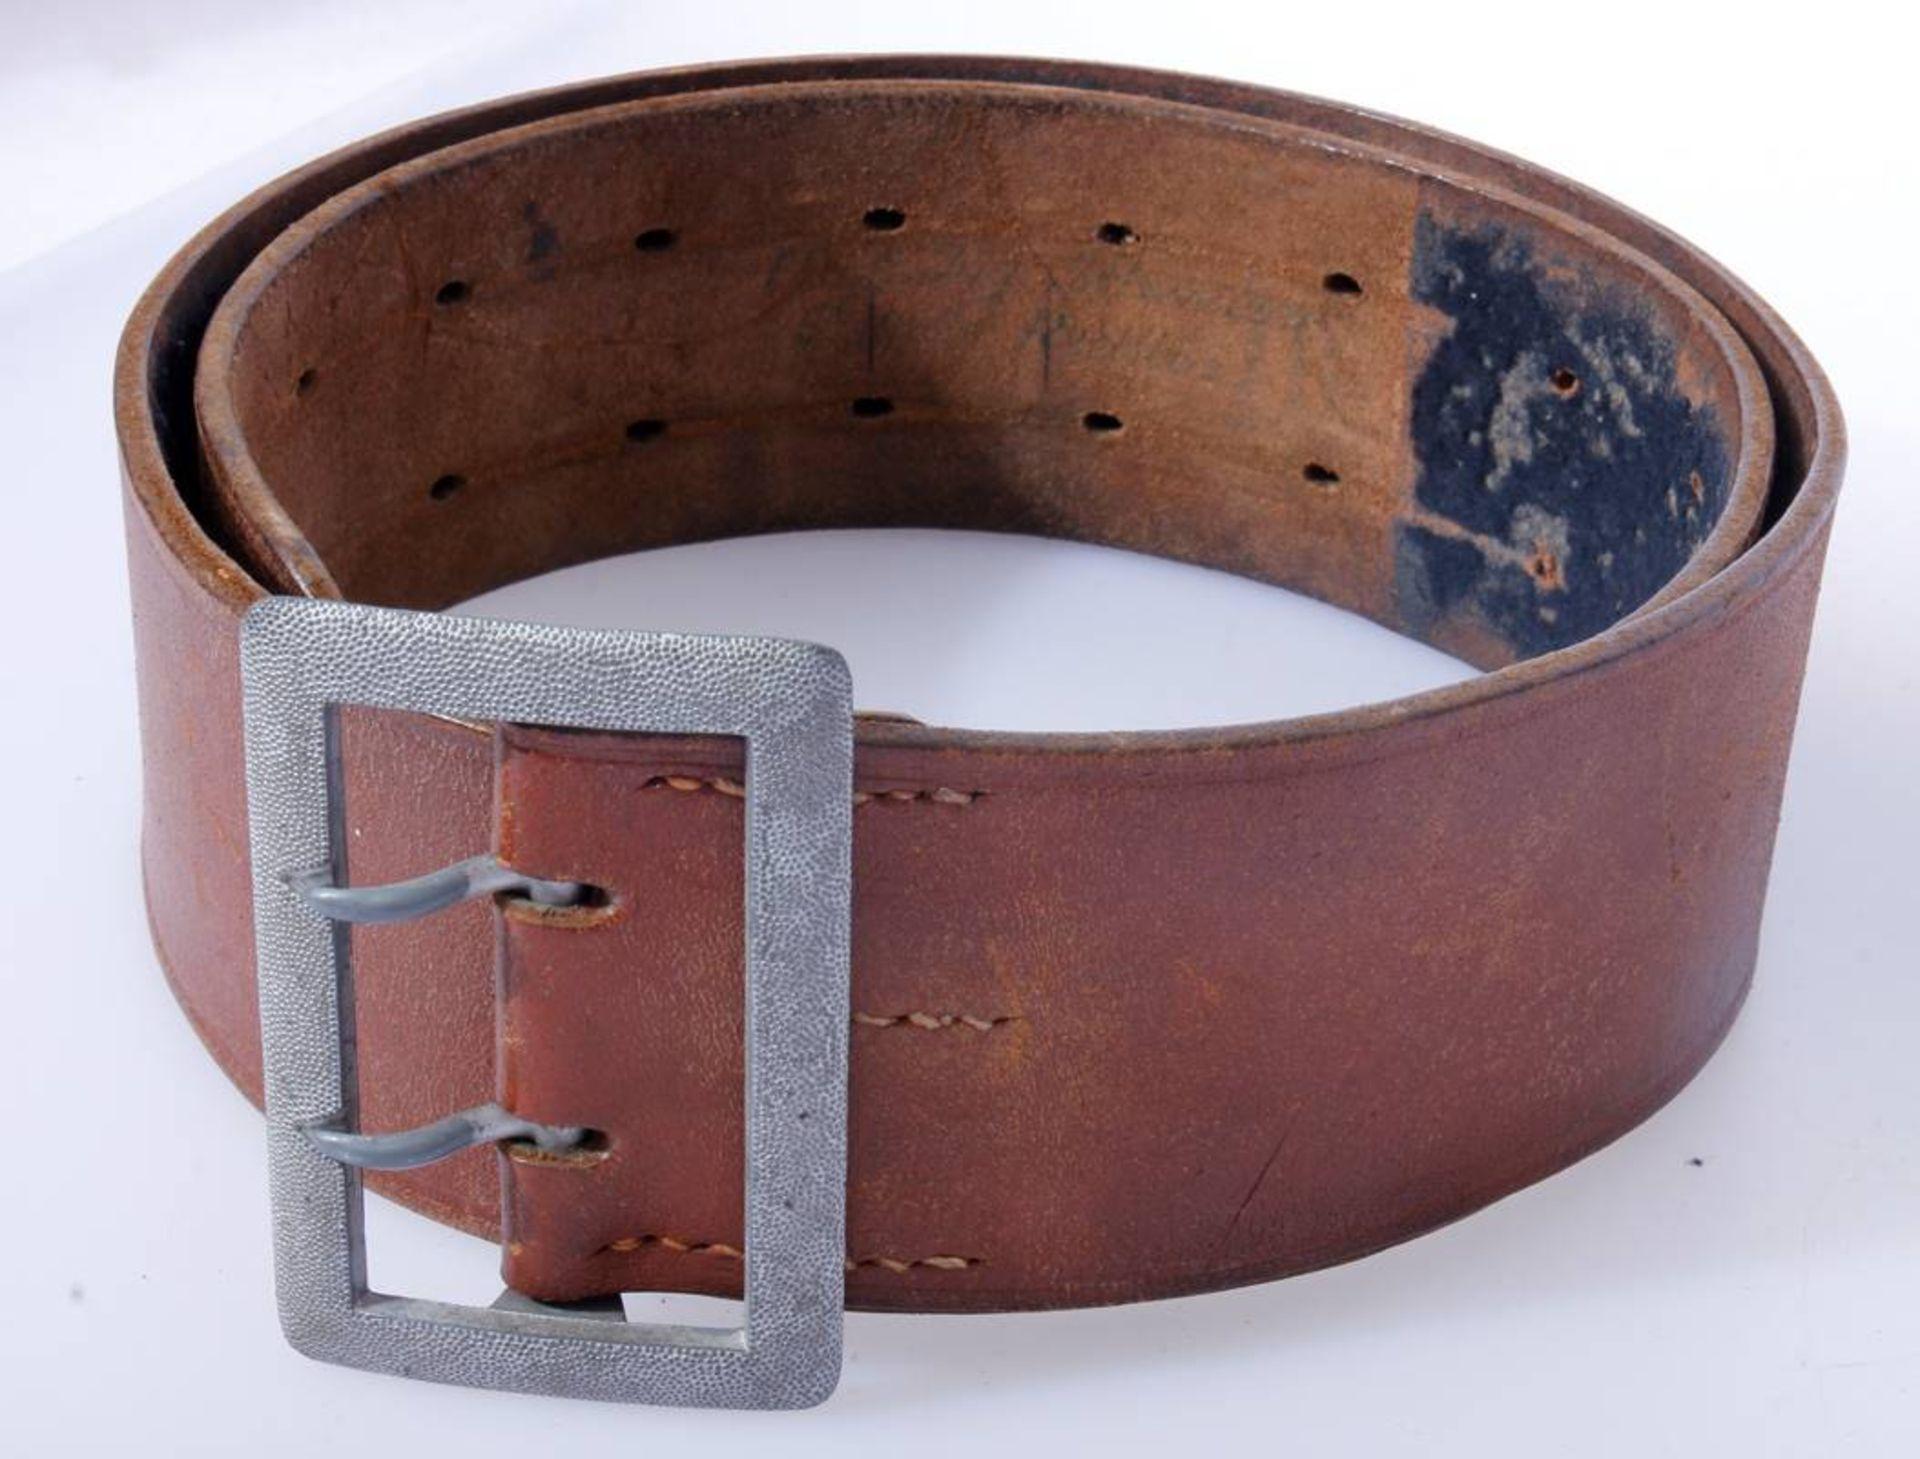 2 x Koppel für Offiziere der Wehrmacht2 x Koppel für Offiziere mit Aluminium Schließen, Leder - Bild 5 aus 7